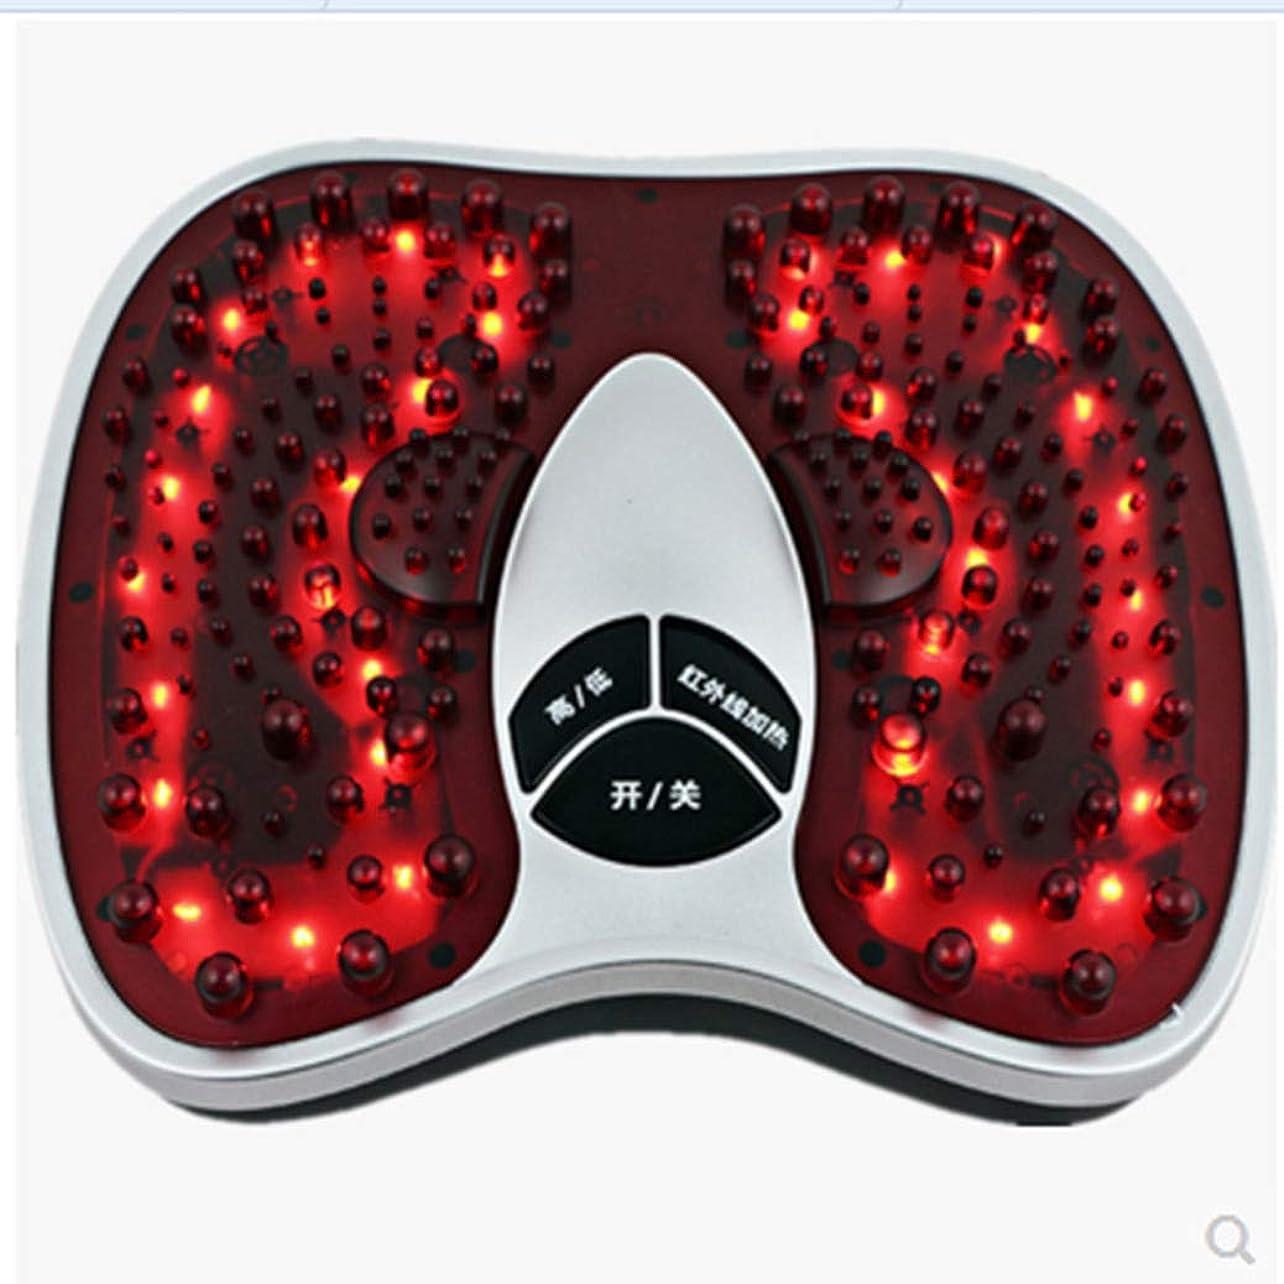 アラブサラボ舗装する太鼓腹調整可能 足のマッサージ、足のマッサージ足底筋膜炎疲れた足、神経障害、慢性、および神経痛に最適 リラックス, red